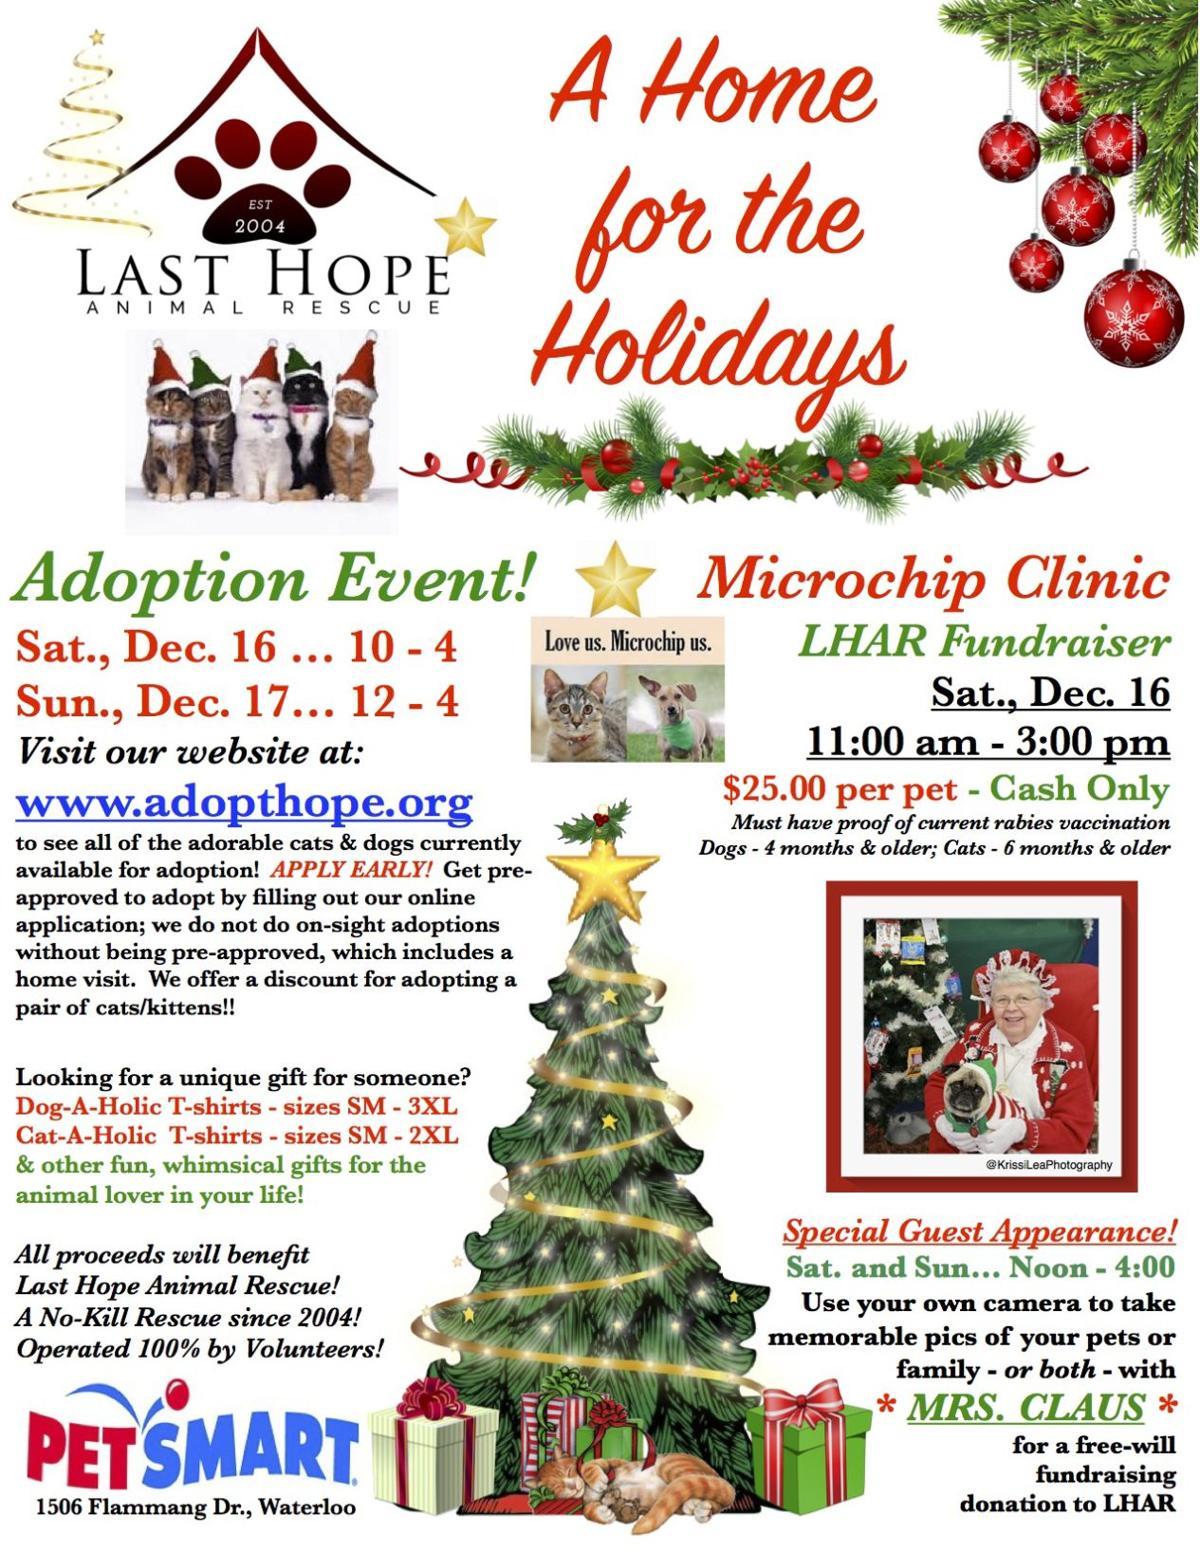 A Home for the Holidays Adoption Event